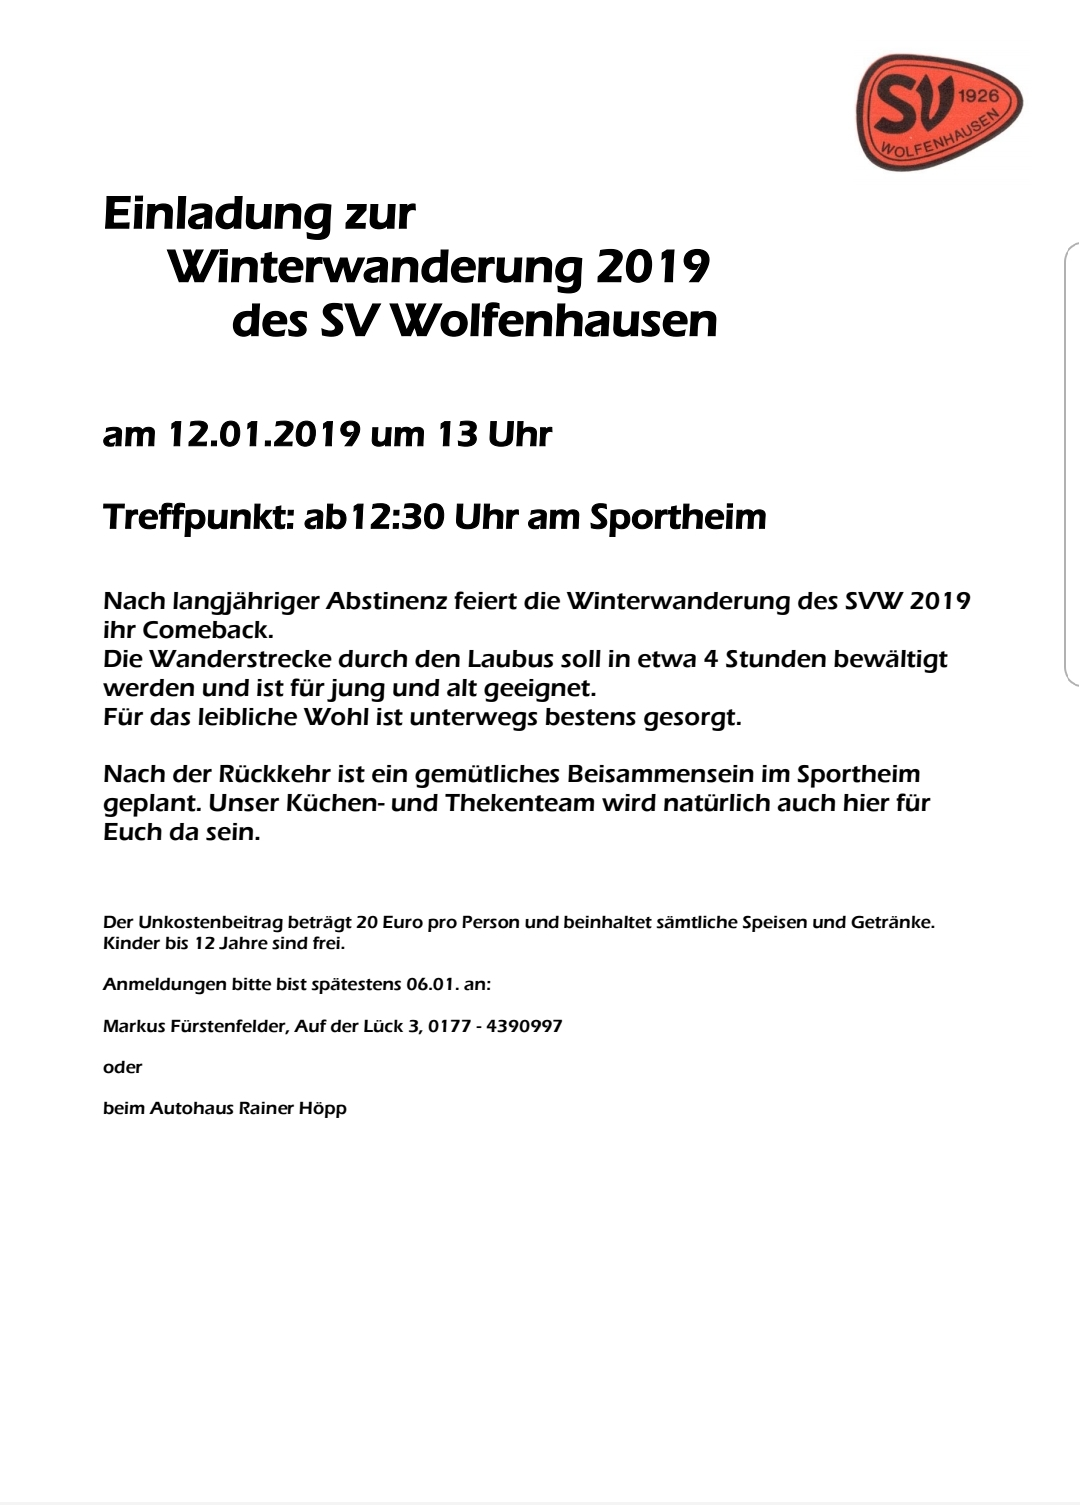 Winterwanderung des SV Wolfenhausen 2019